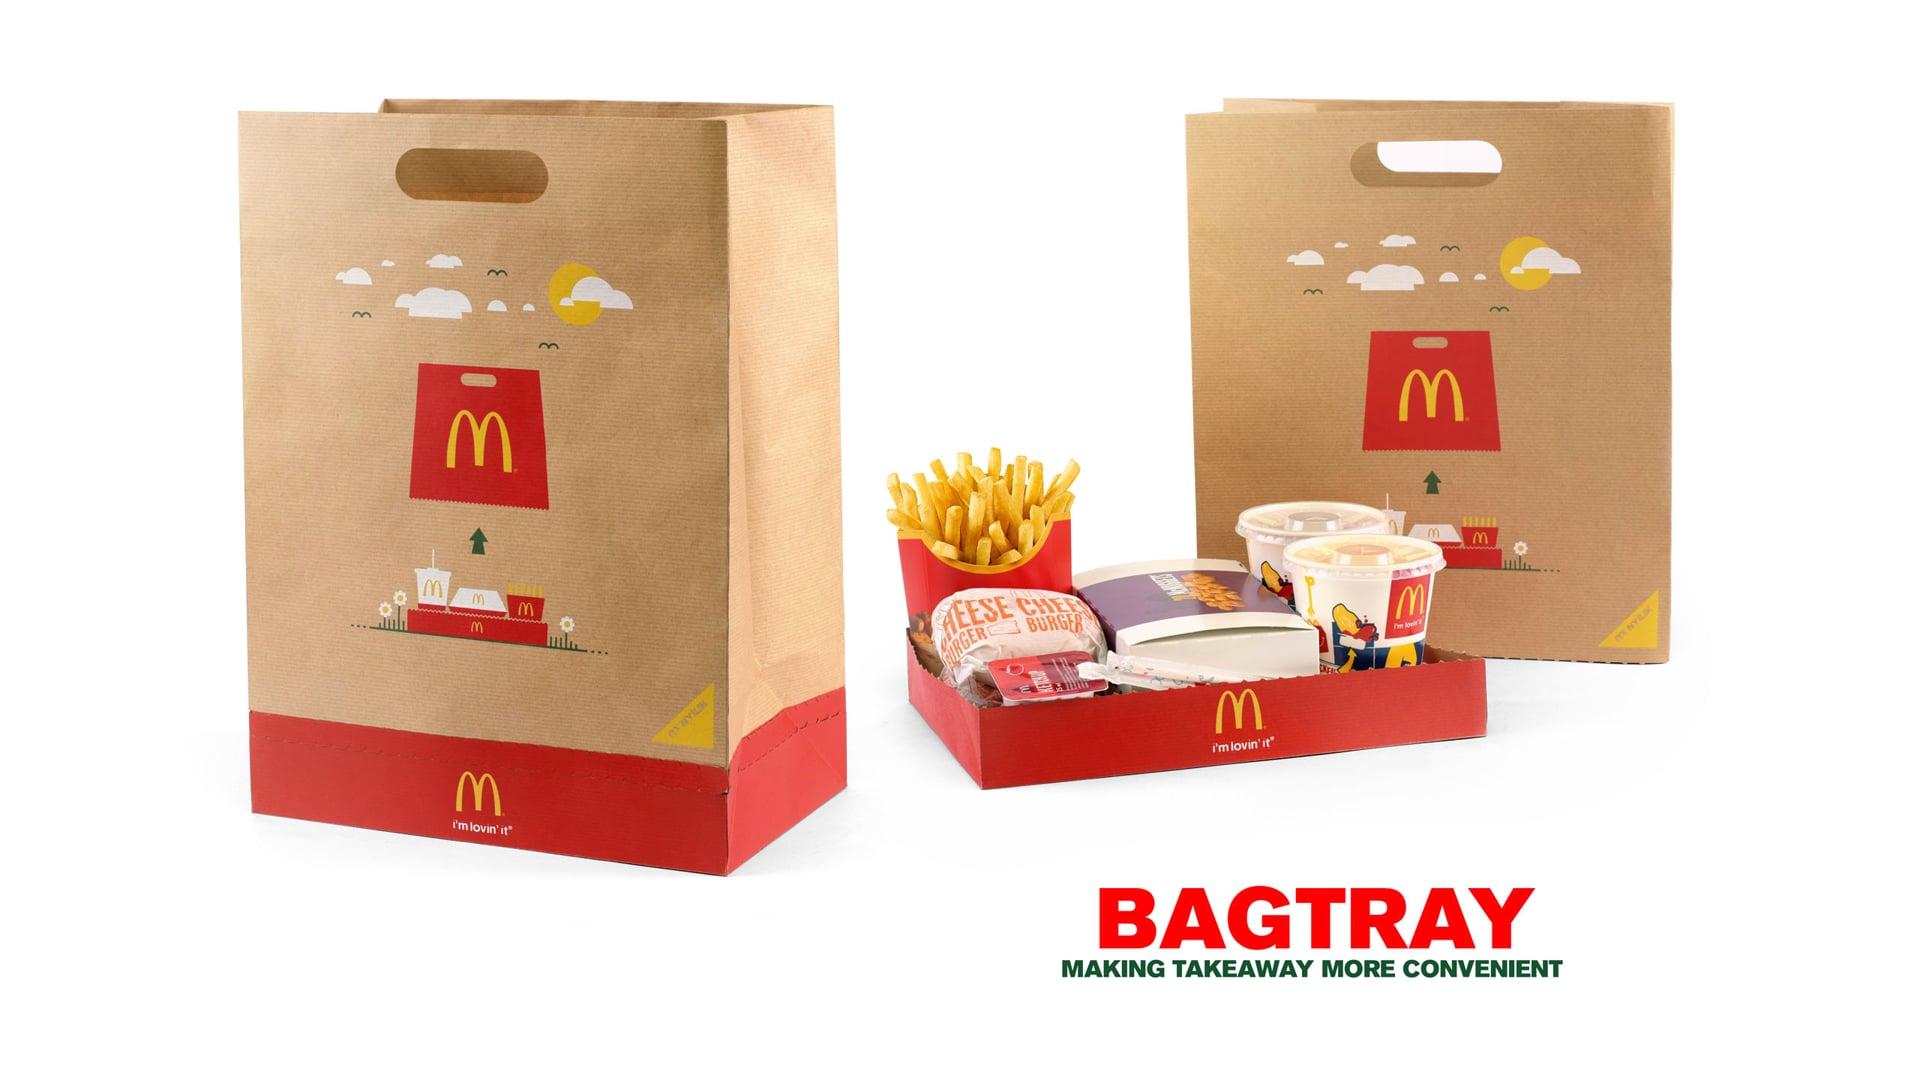 McDonald's BagTray